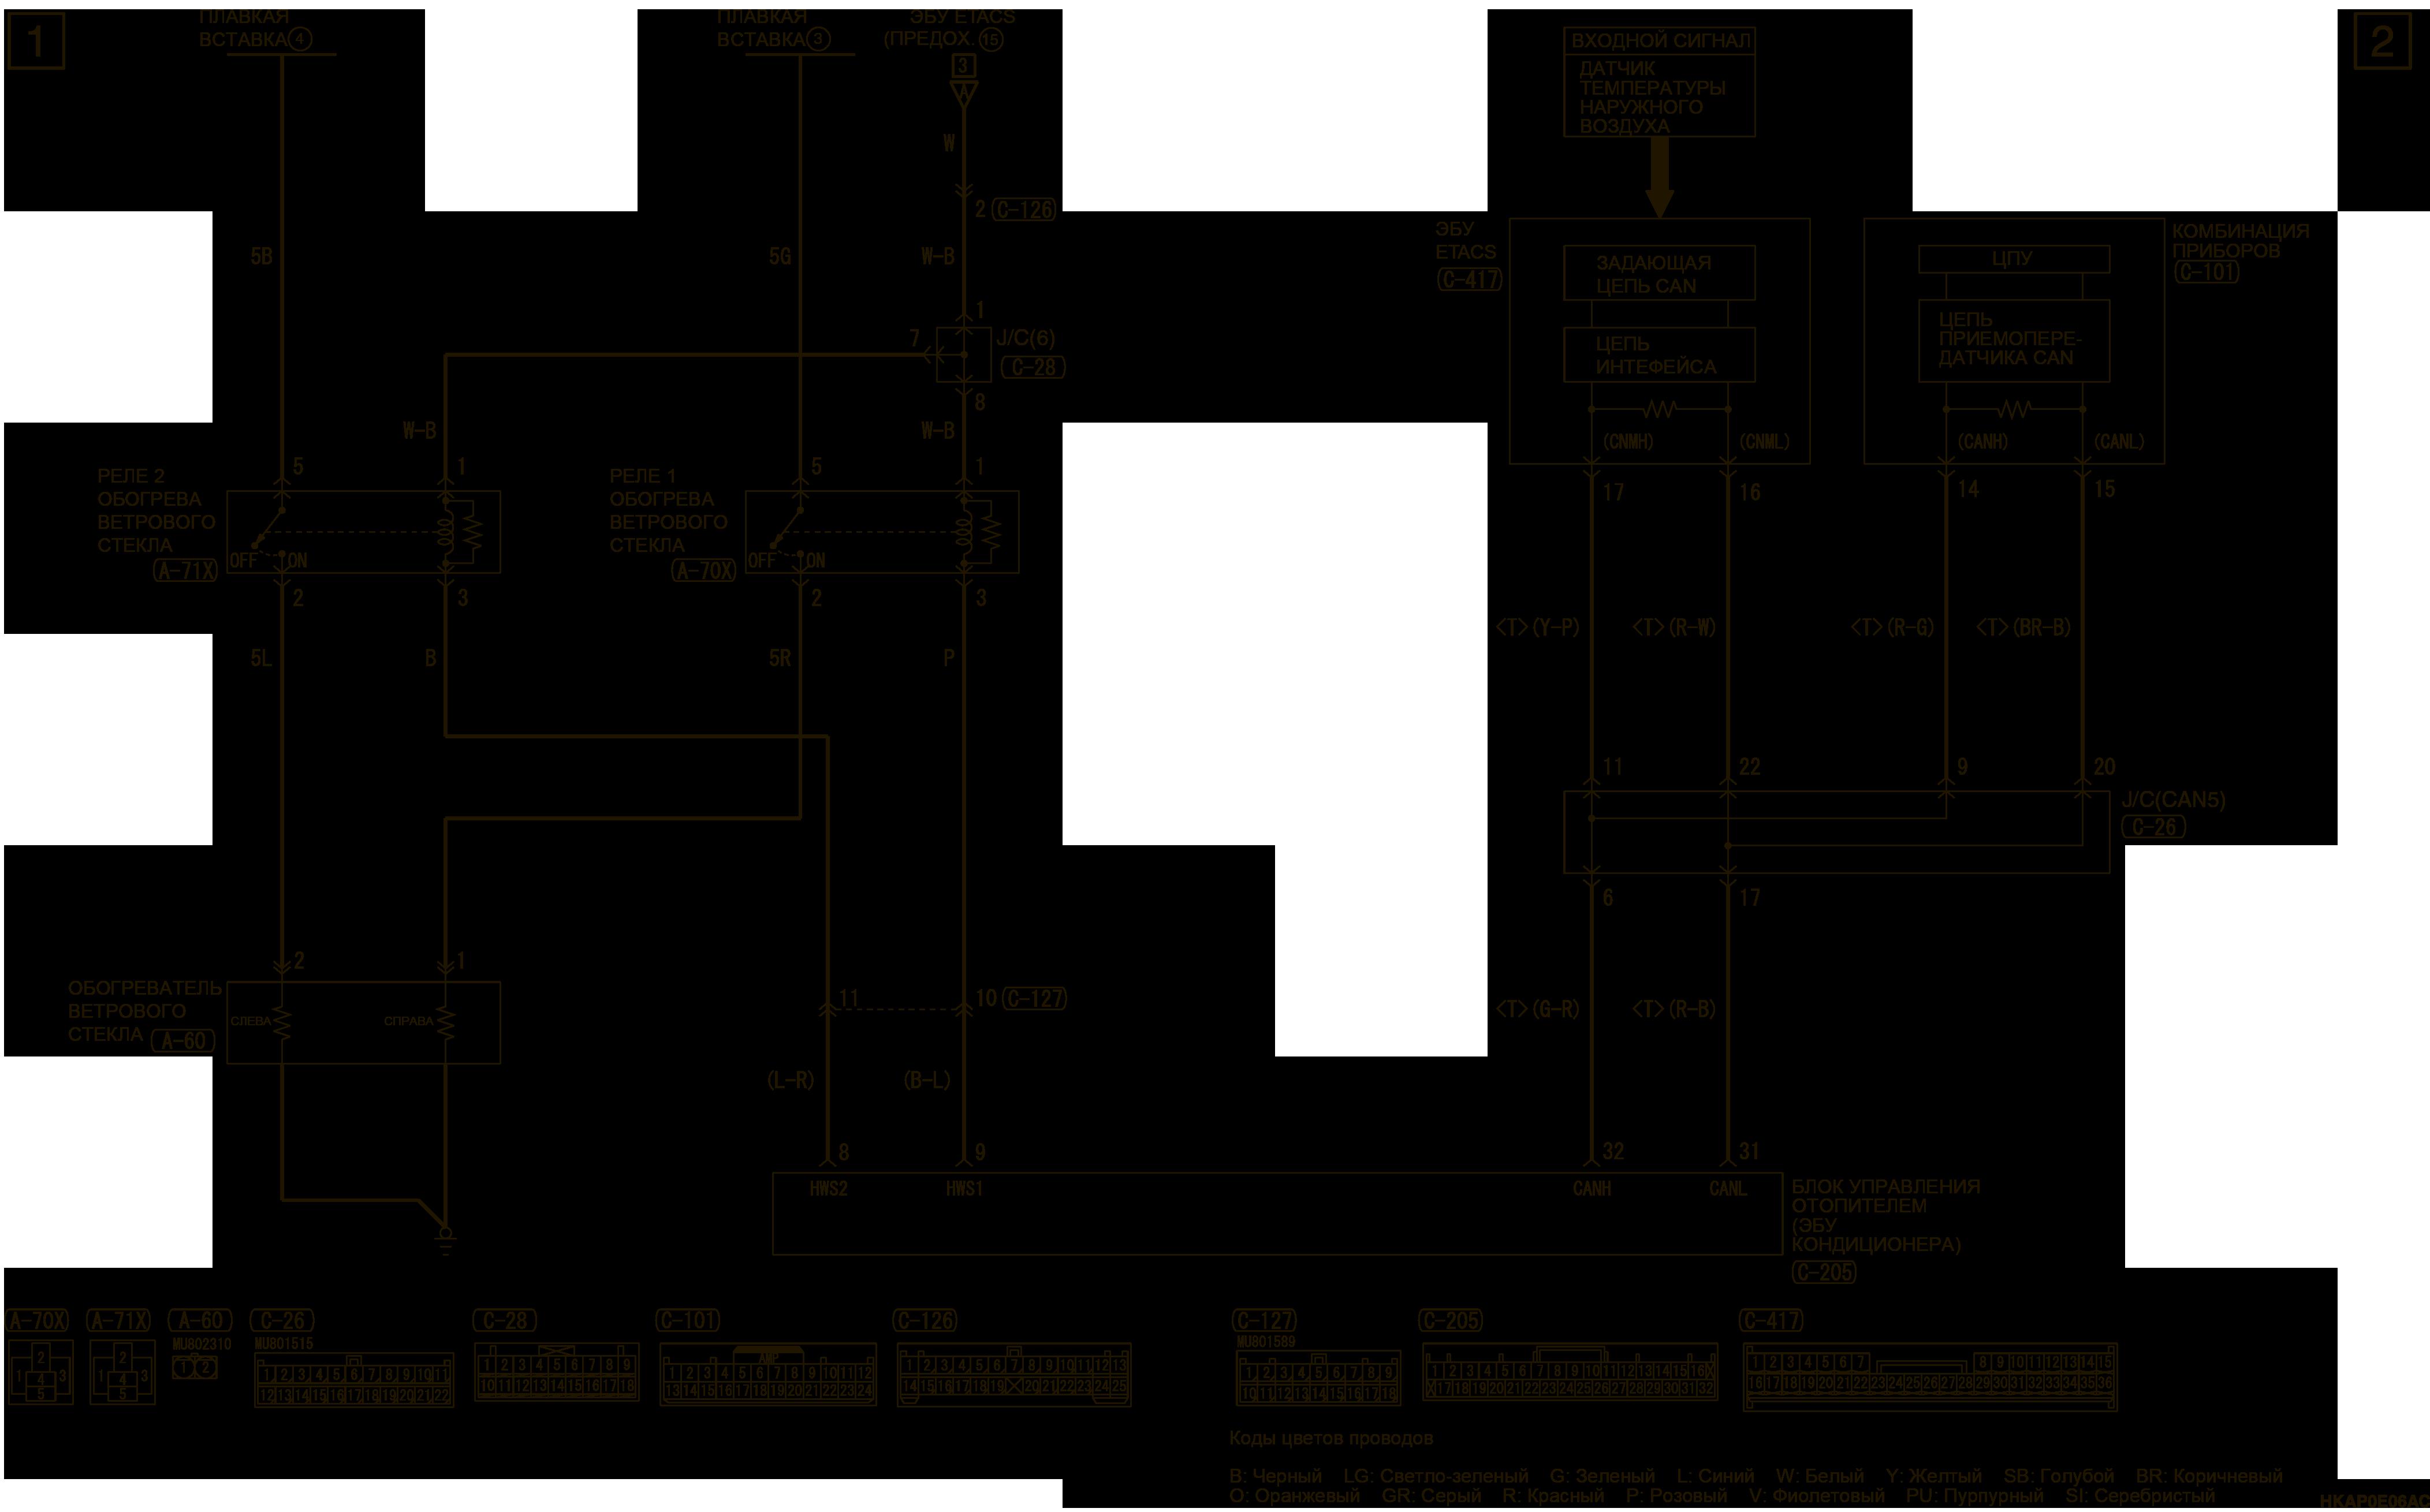 mmc аутлендер 3 2019 электросхемаОБОГРЕВ ВЕТРОВОГО СТЕКЛА ЛЕВОСТОРОННЕЕ УПРАВЛЕНИЕ